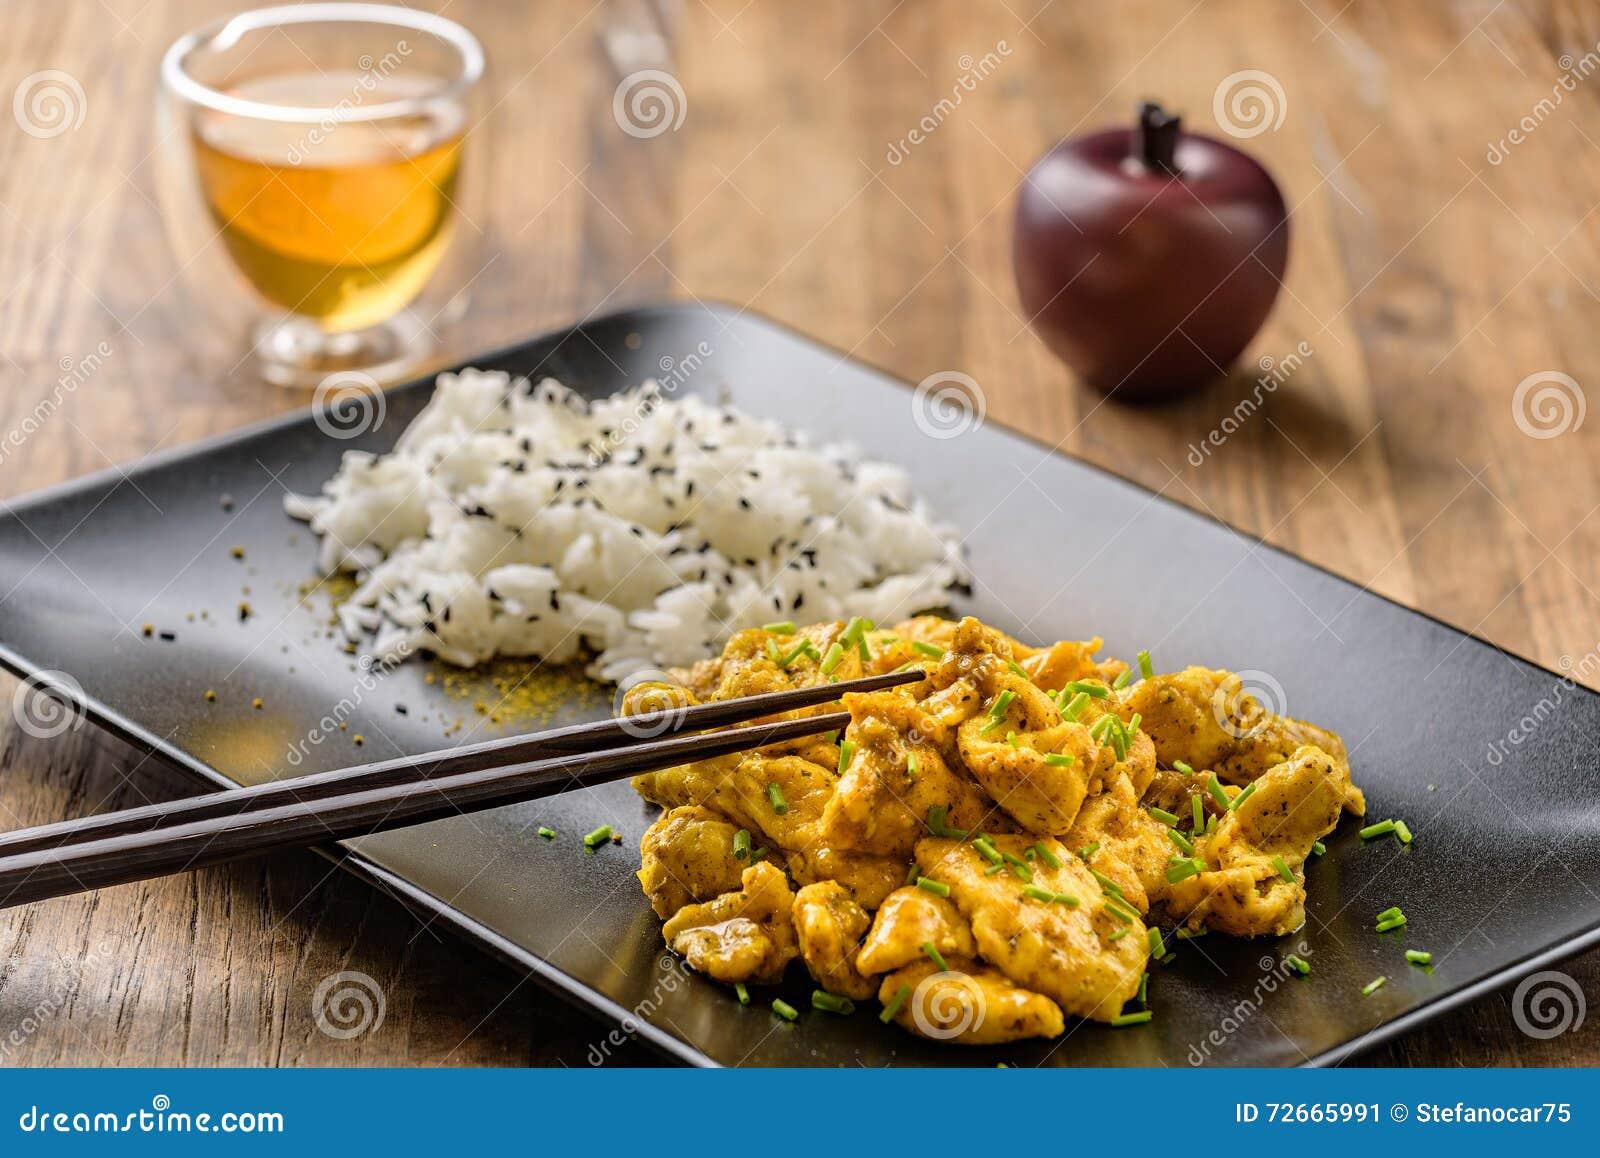 Surre a galinha e o arroz oriental em um prato